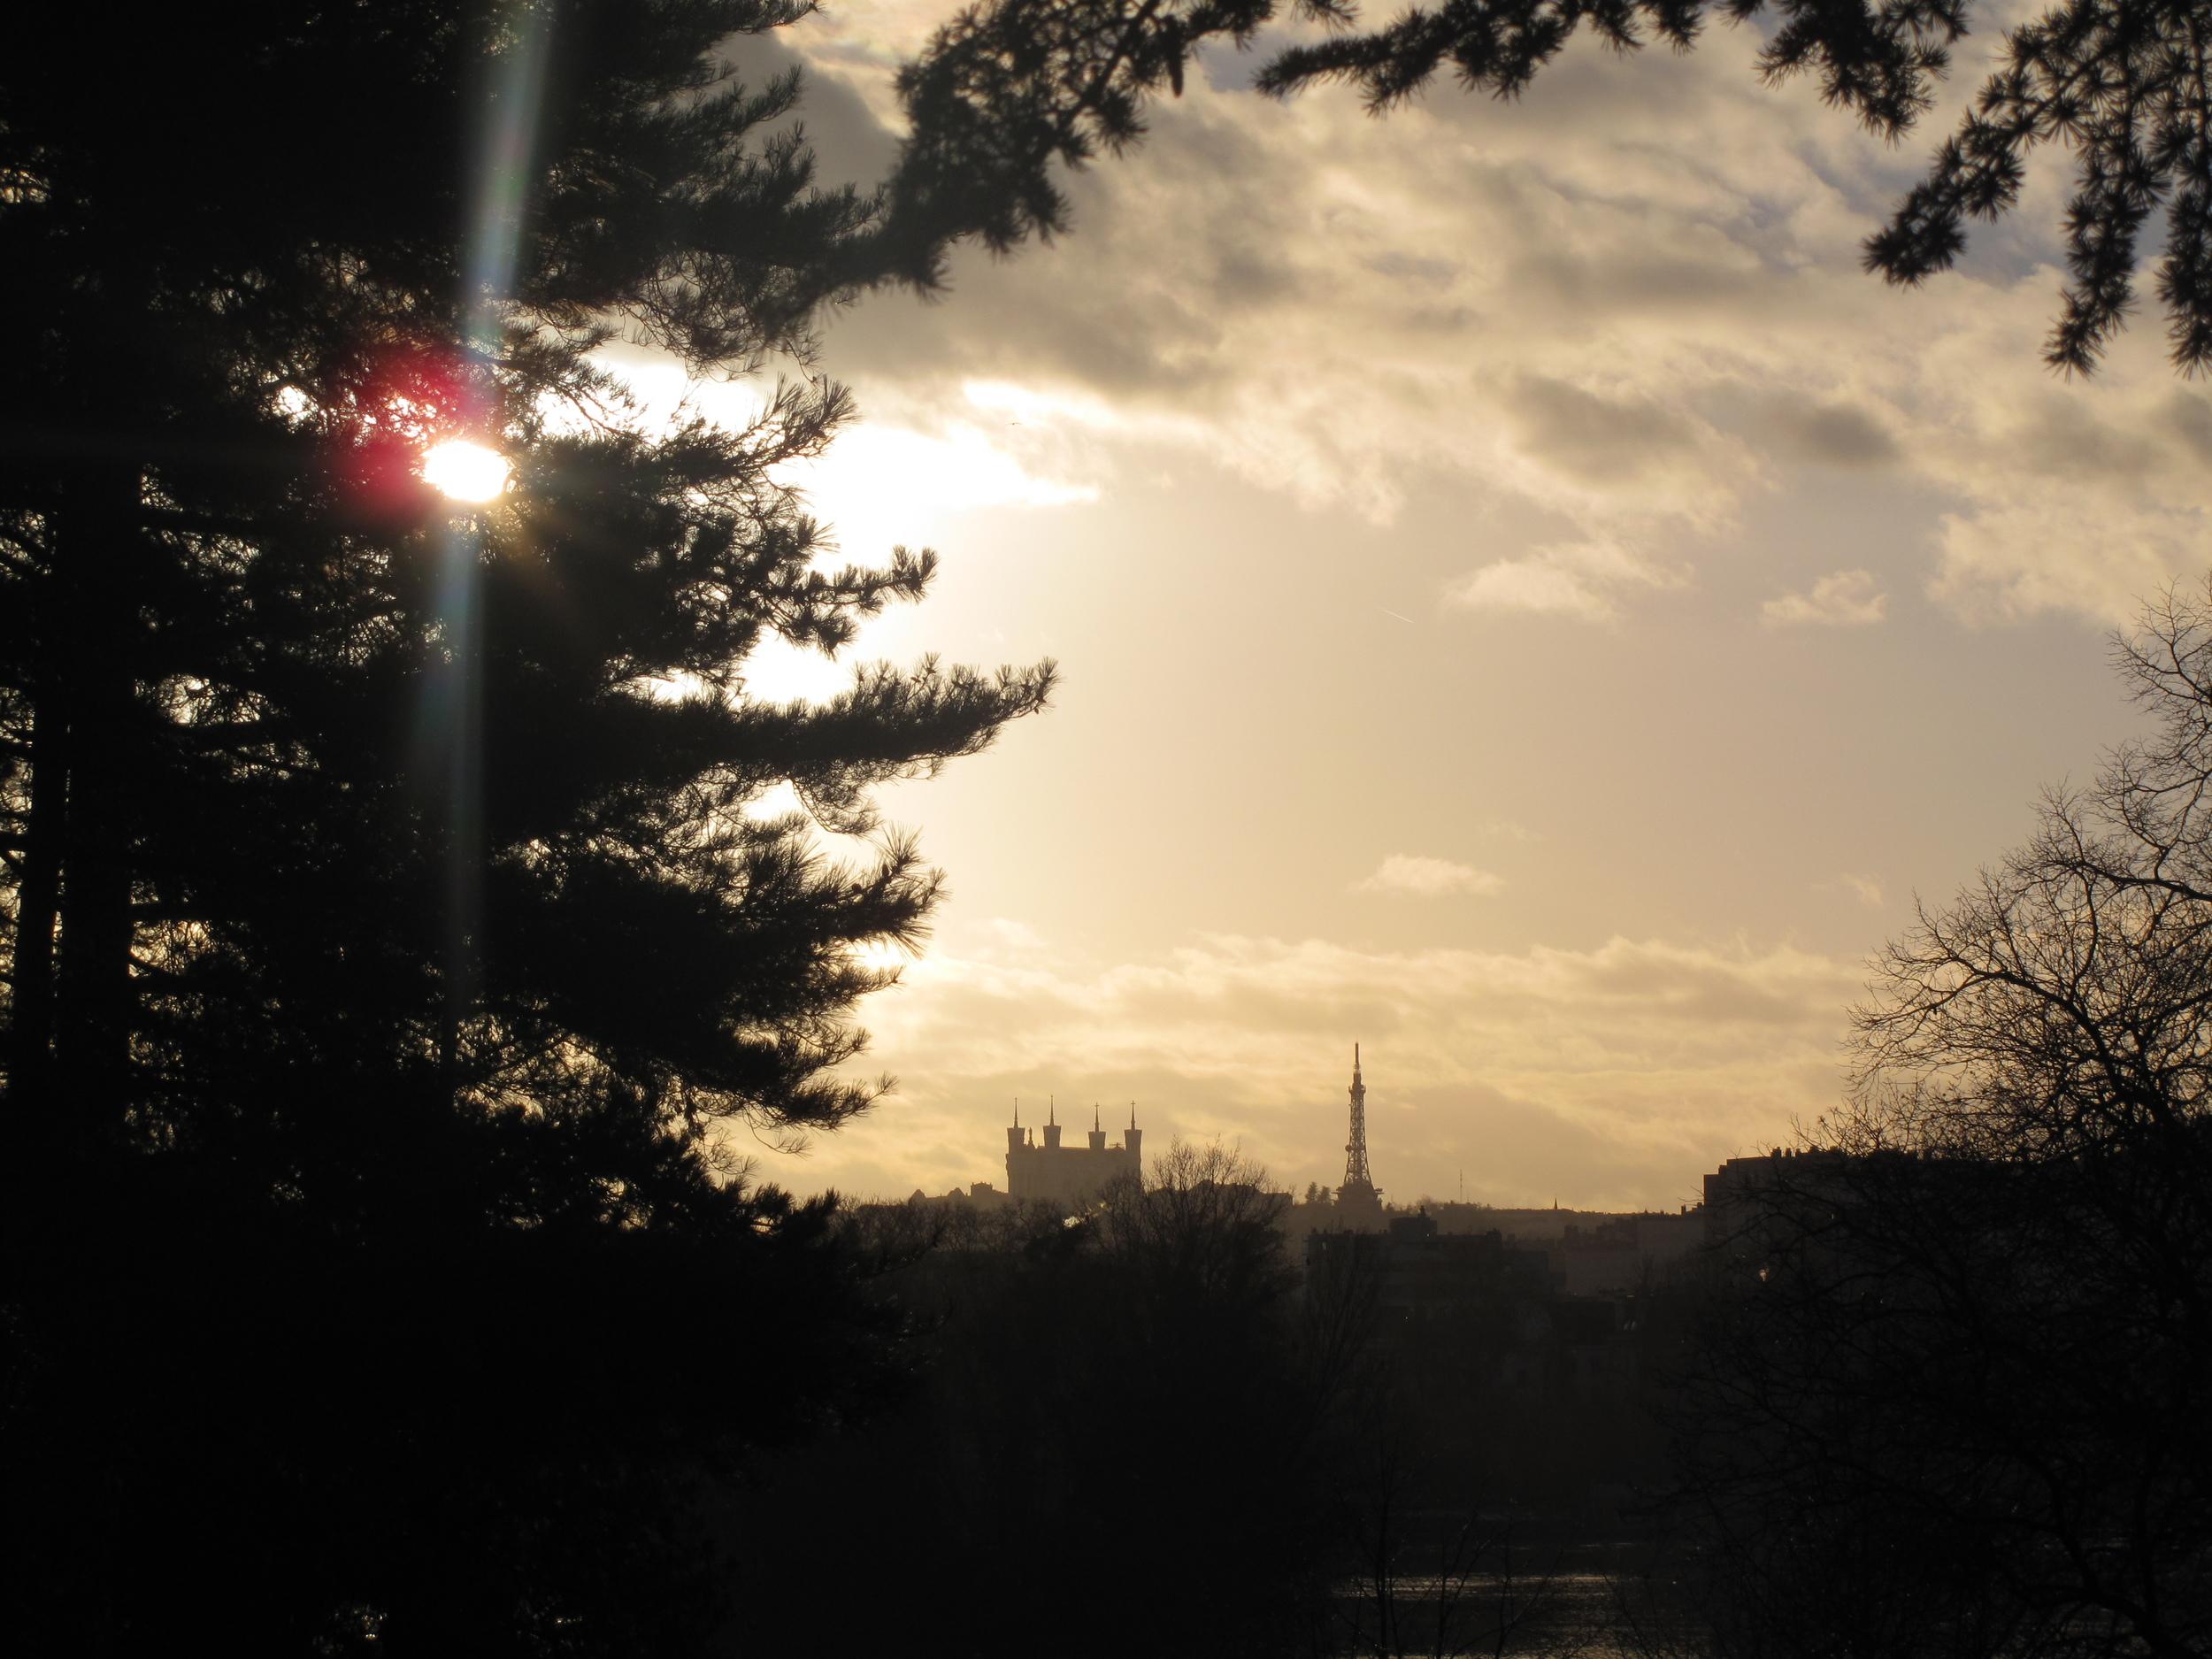 Fourvière seen from Parc de la Tête d'Or